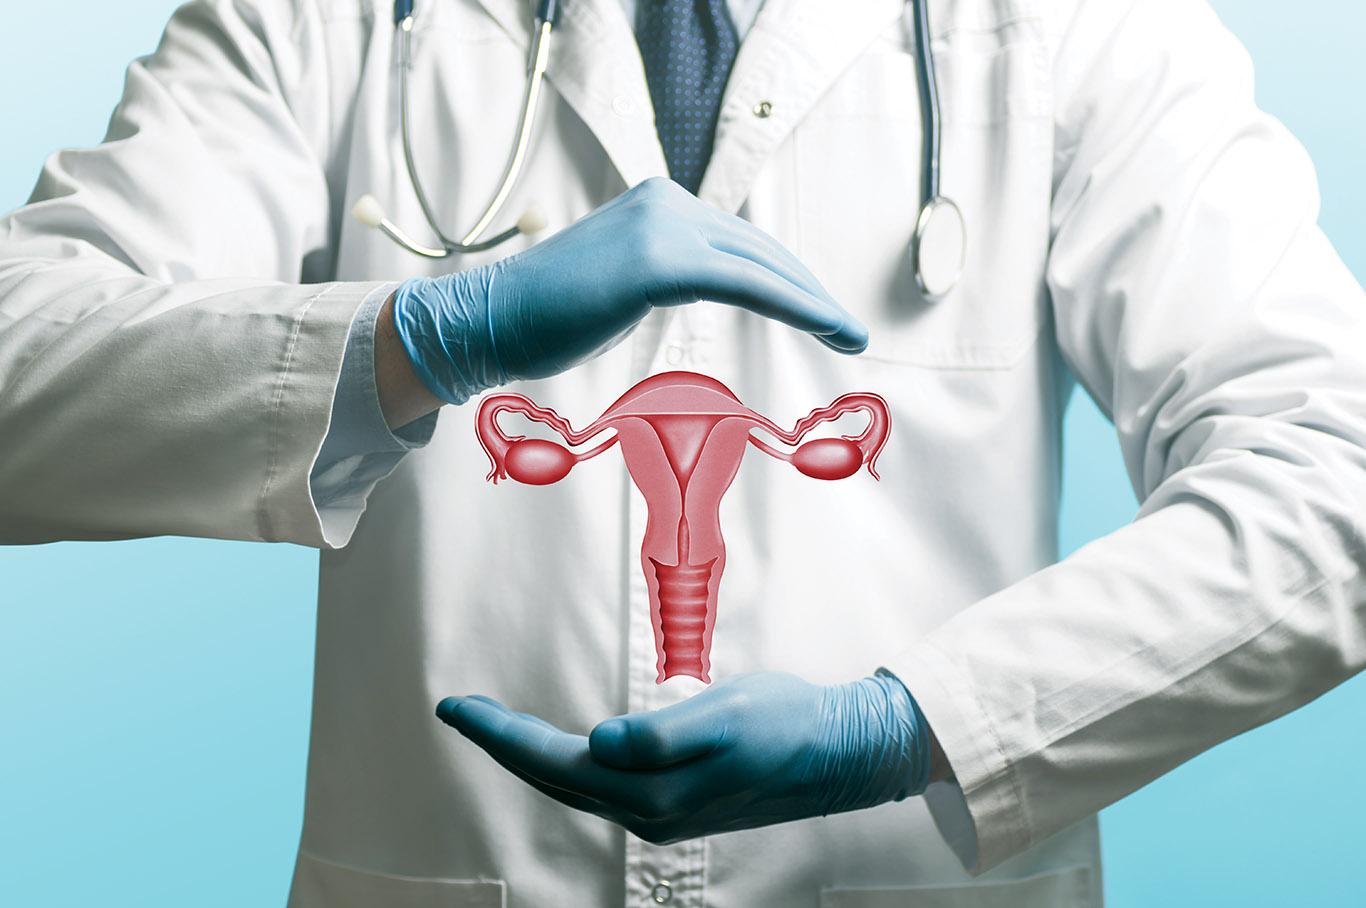 Ailə həkiminin təcrübəsində reproduktiv sağlamlıq